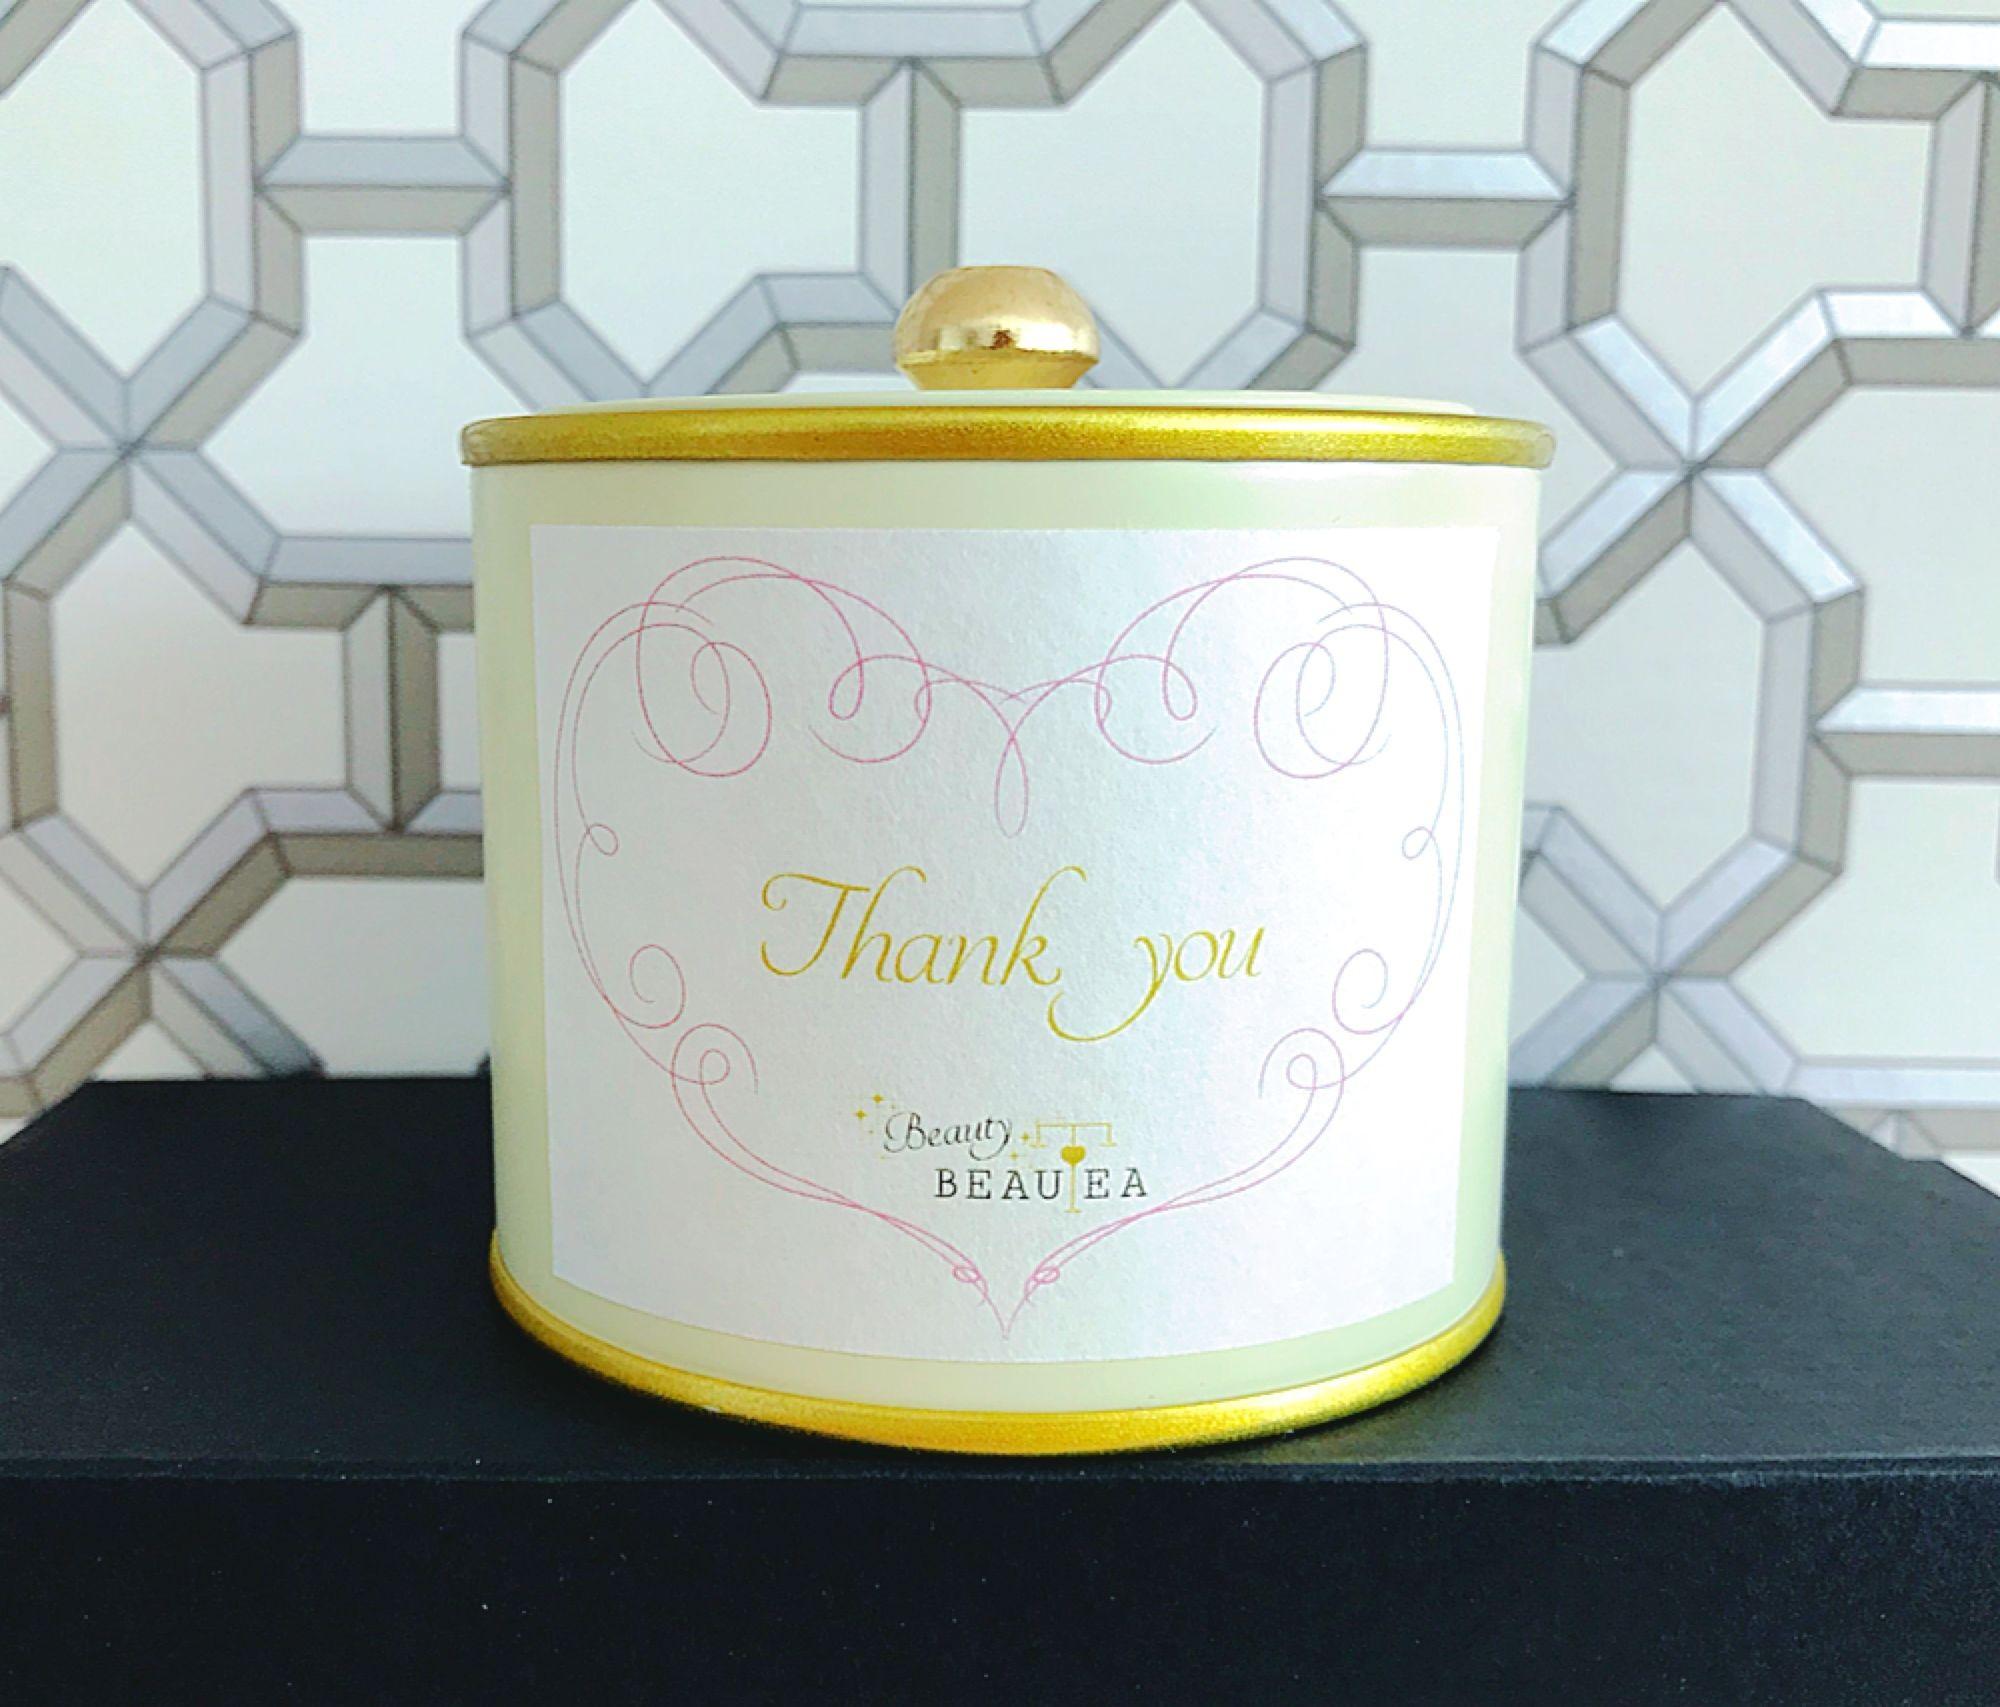 【Thank you】メッセージラベル*薬膳茶BeautyBEAUTEA